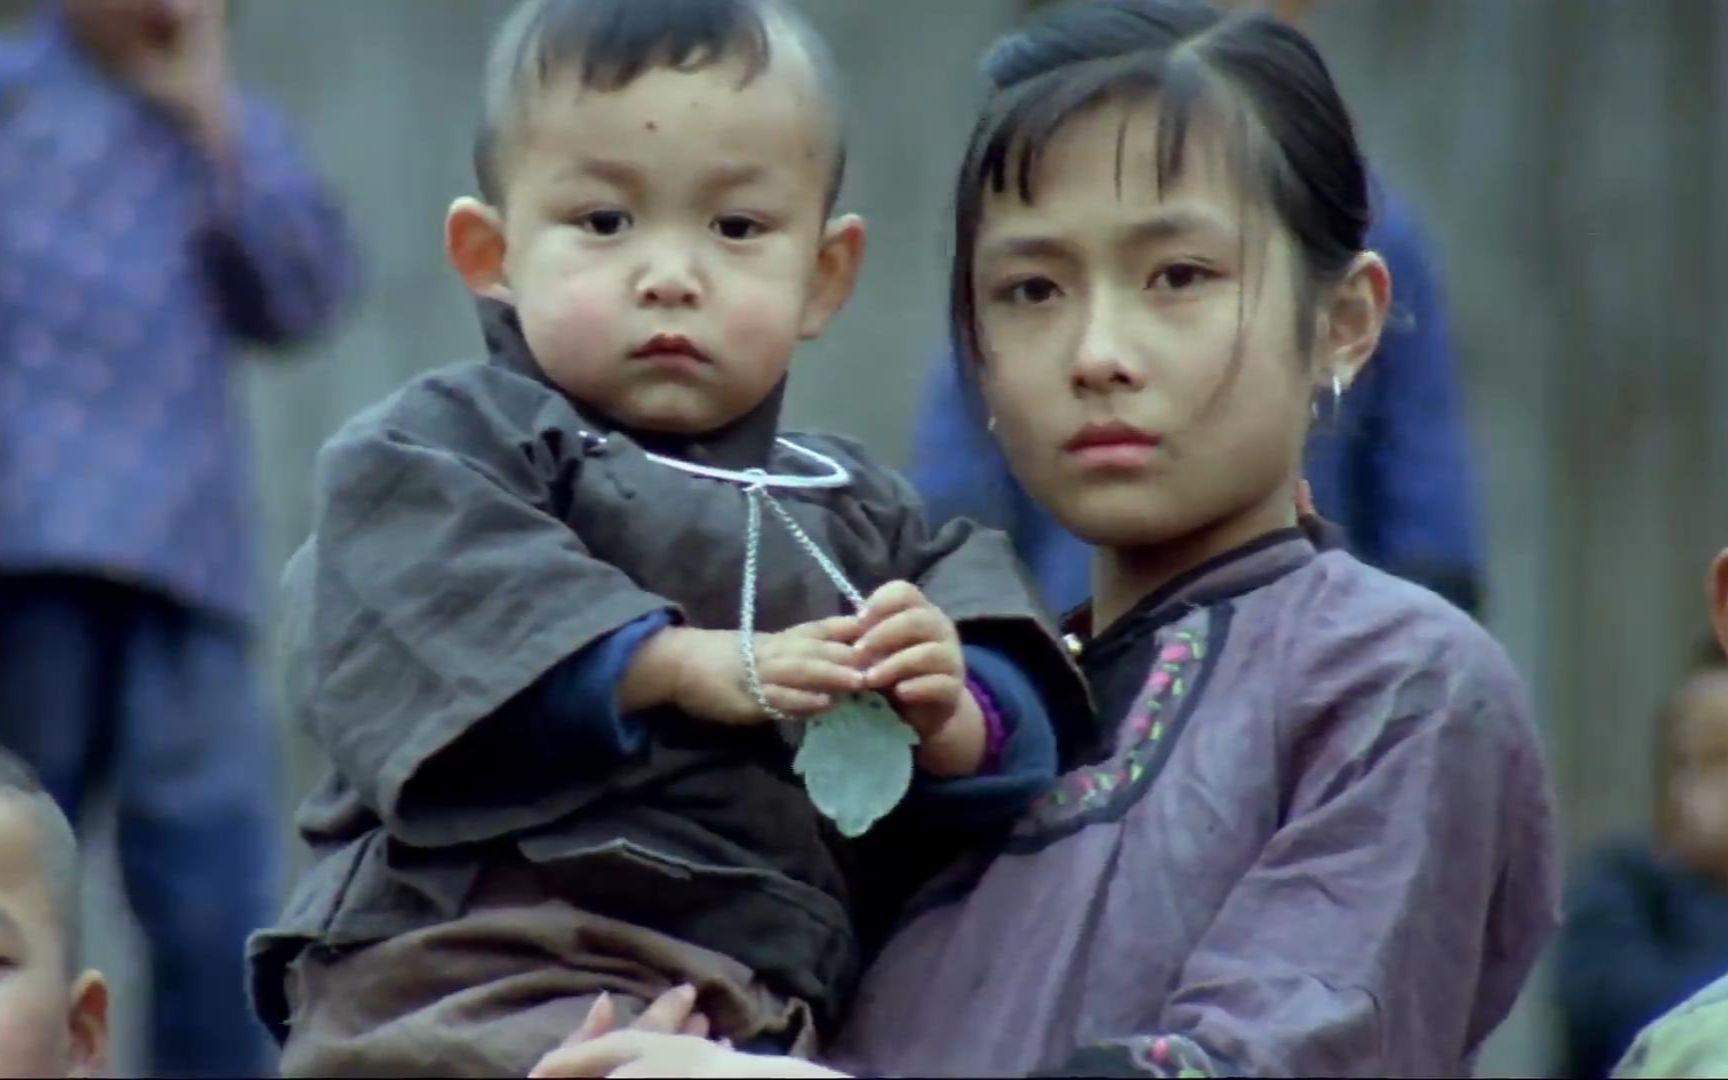 少女嫁给两岁男孩做童养媳, 没想到被家里长工占了便宜。